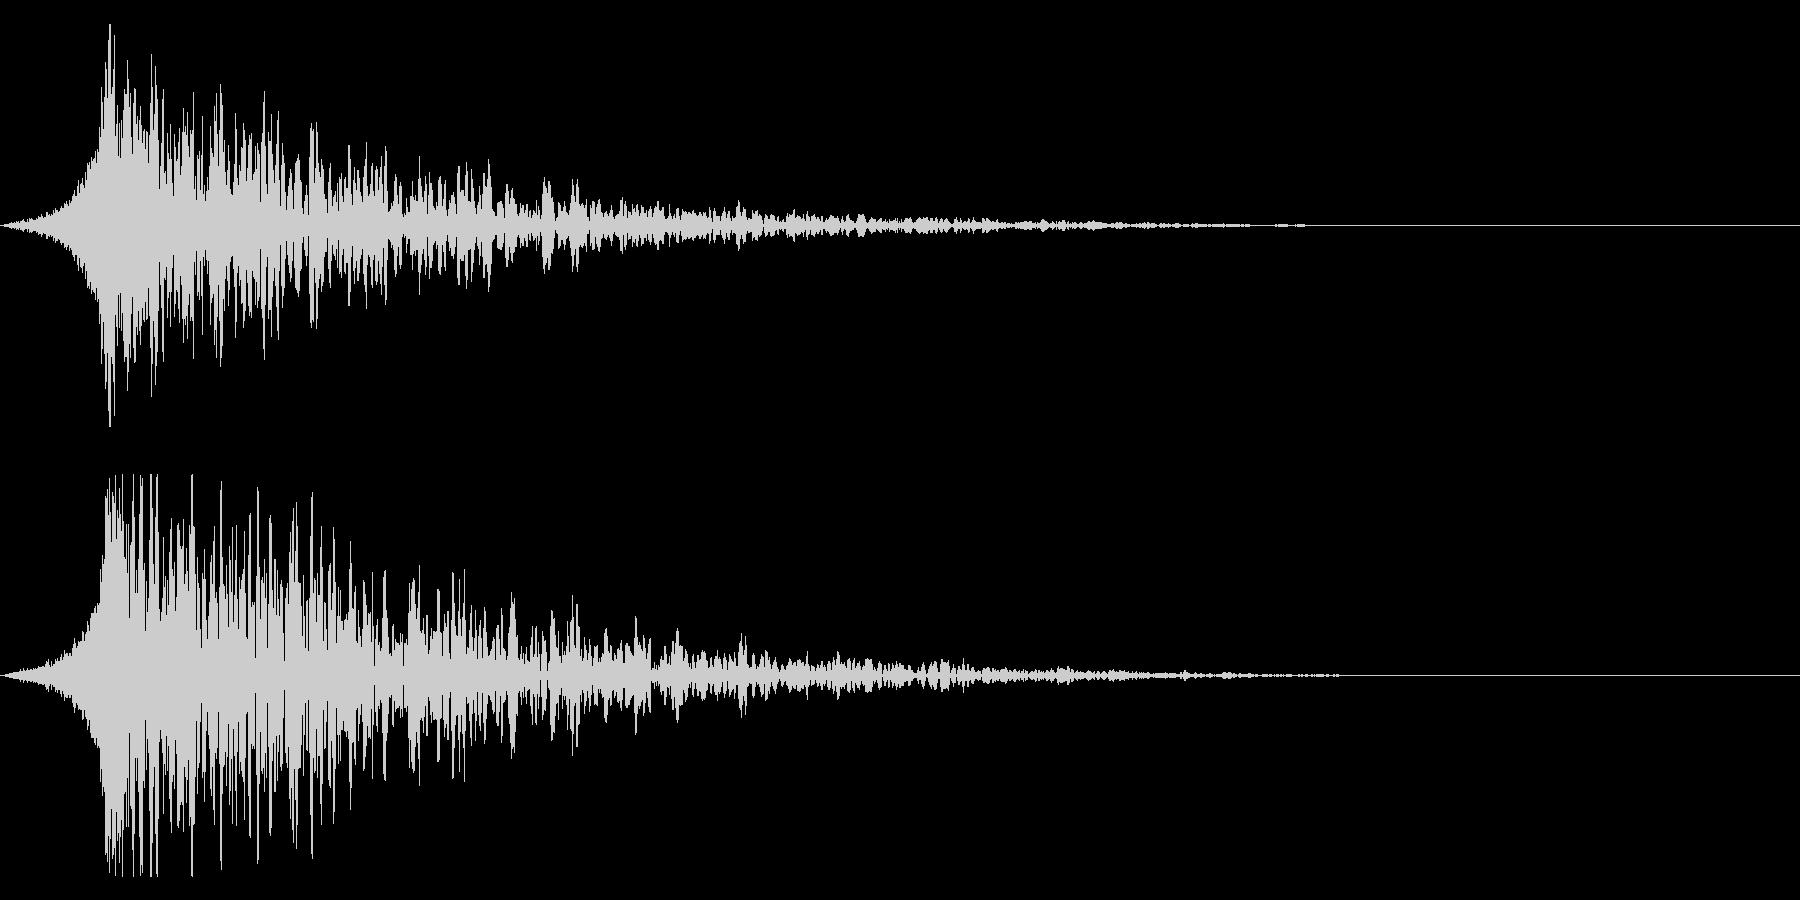 シュードーン-19-3 (インパクト音)の未再生の波形